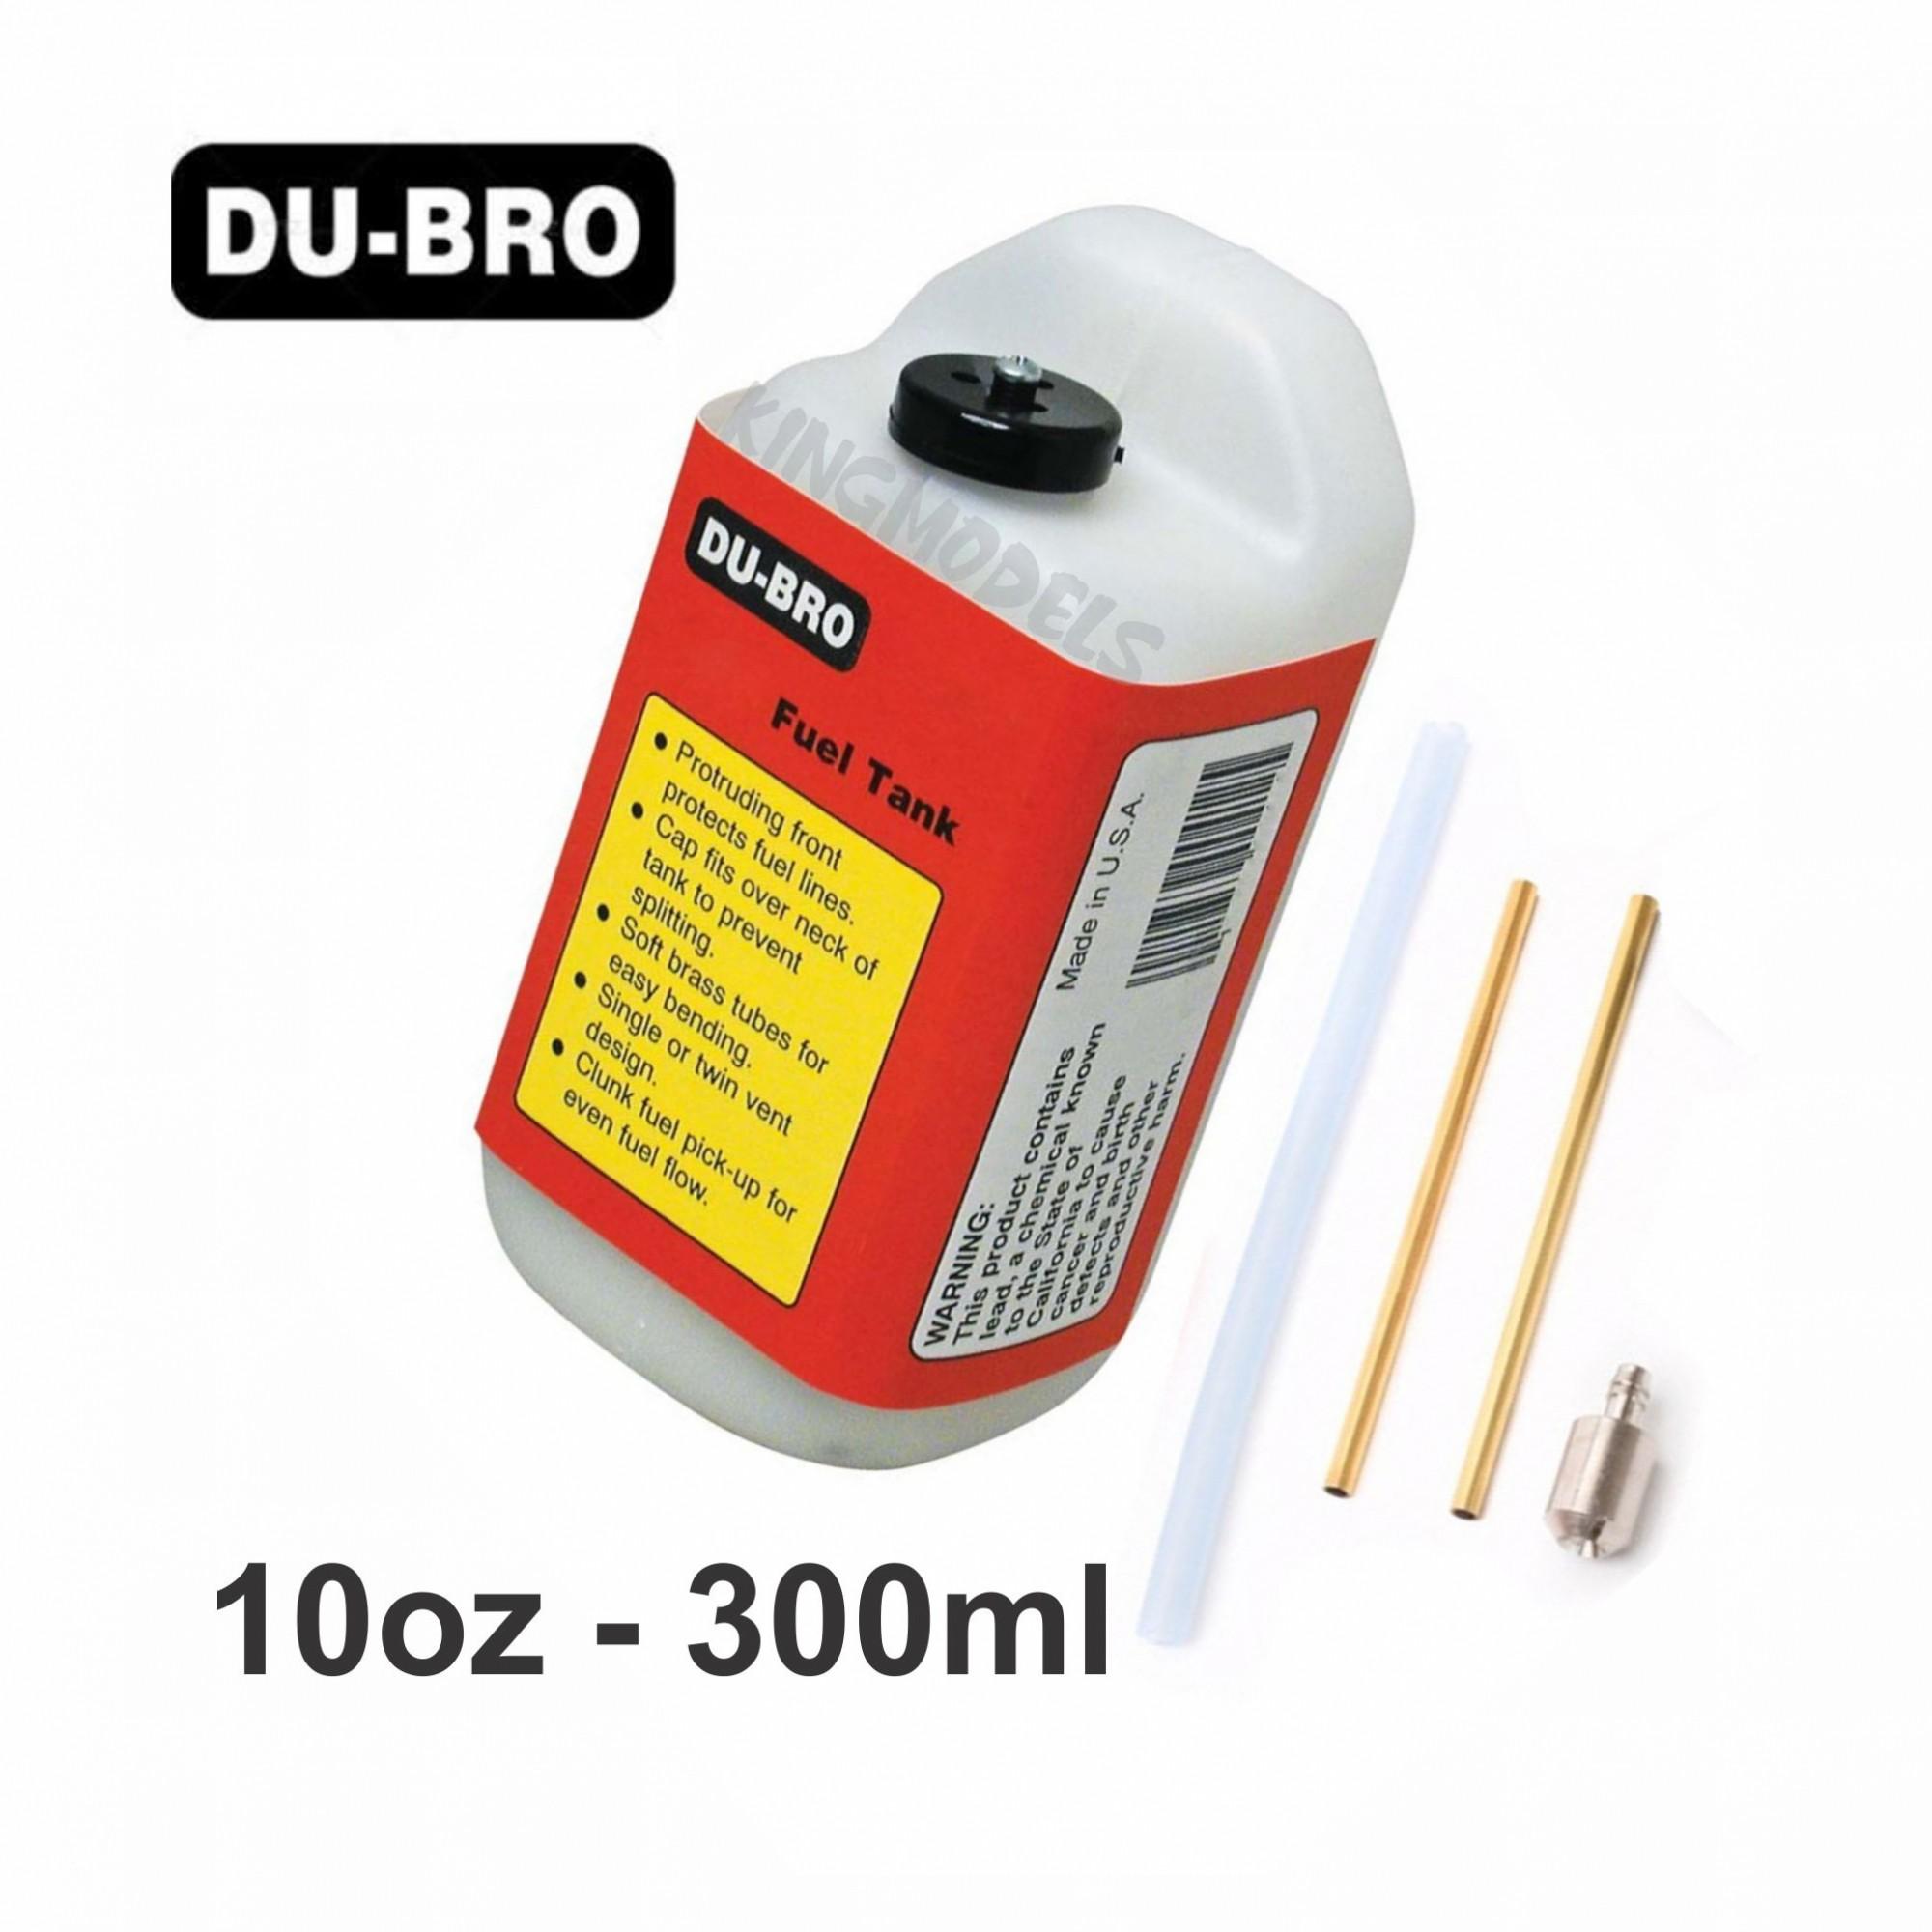 Tanque de Combustível Du-Bro Quadrado - 10oz - 300ml  - King Models